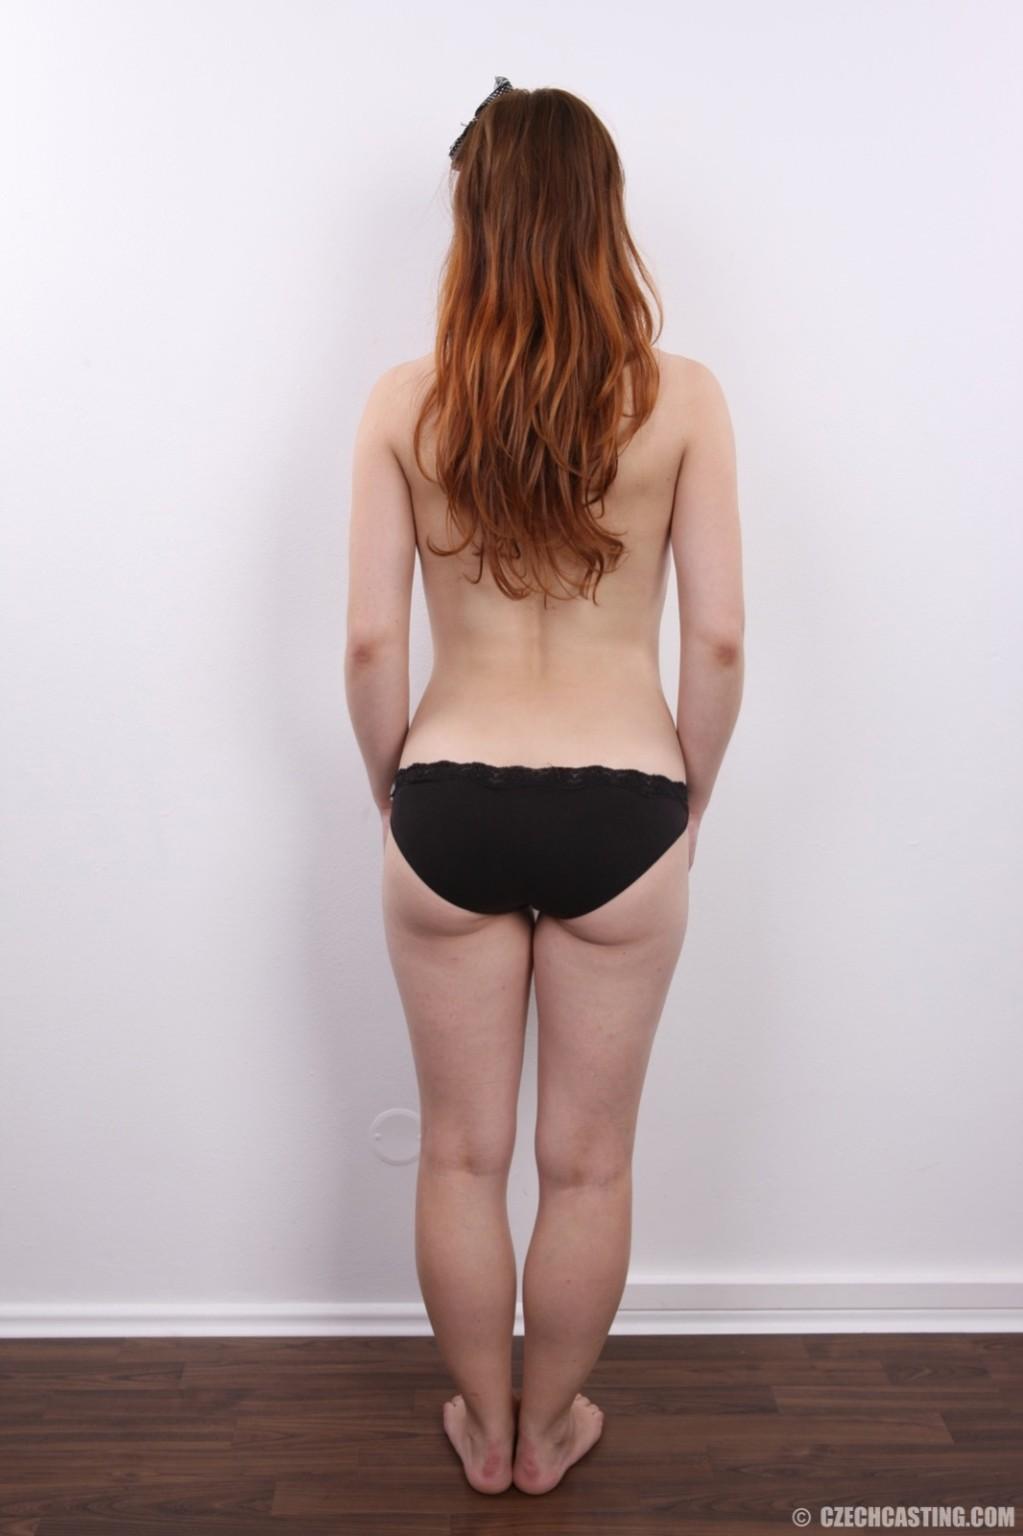 Девушка на кастинге постепенно освобождает себя от невзрачной одежды и показывает все, что может